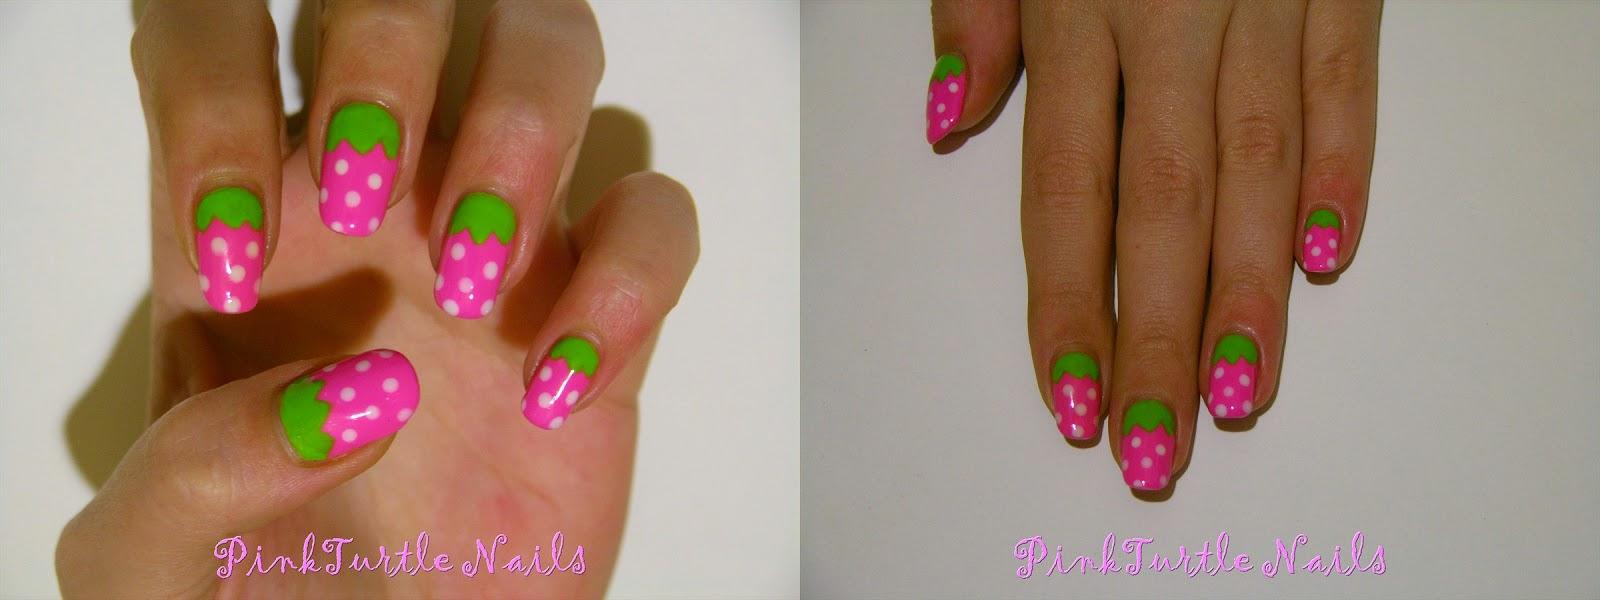 http://pinkturtlenails.blogspot.com.es/2014/10/reto-colores-vol-2-rosa_9.html